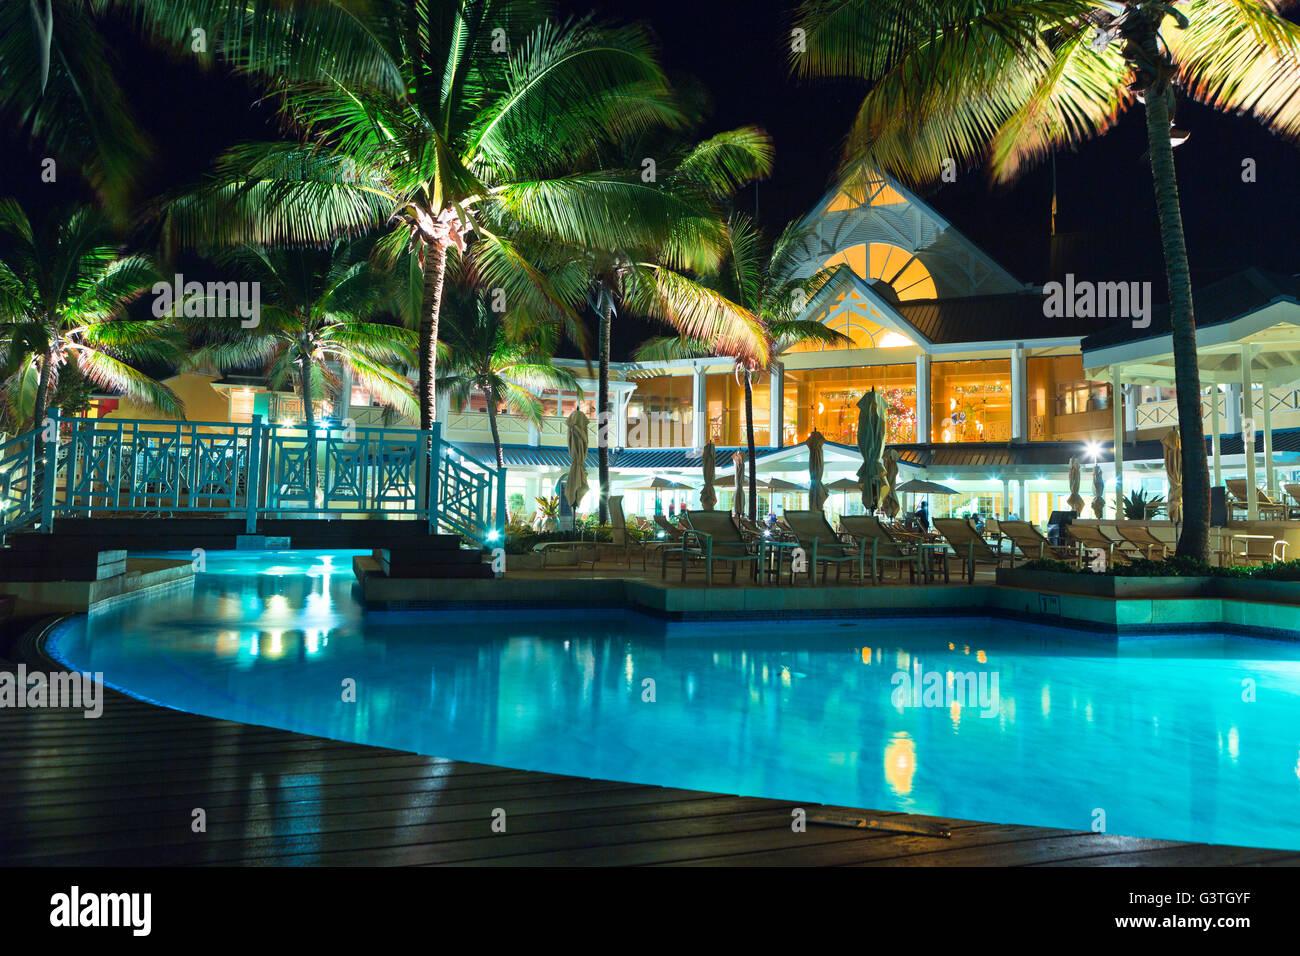 Trinidad y Tobago, llanuras, Tobago plantaciones Estate, Vista de iluminado Holiday Resort Imagen De Stock